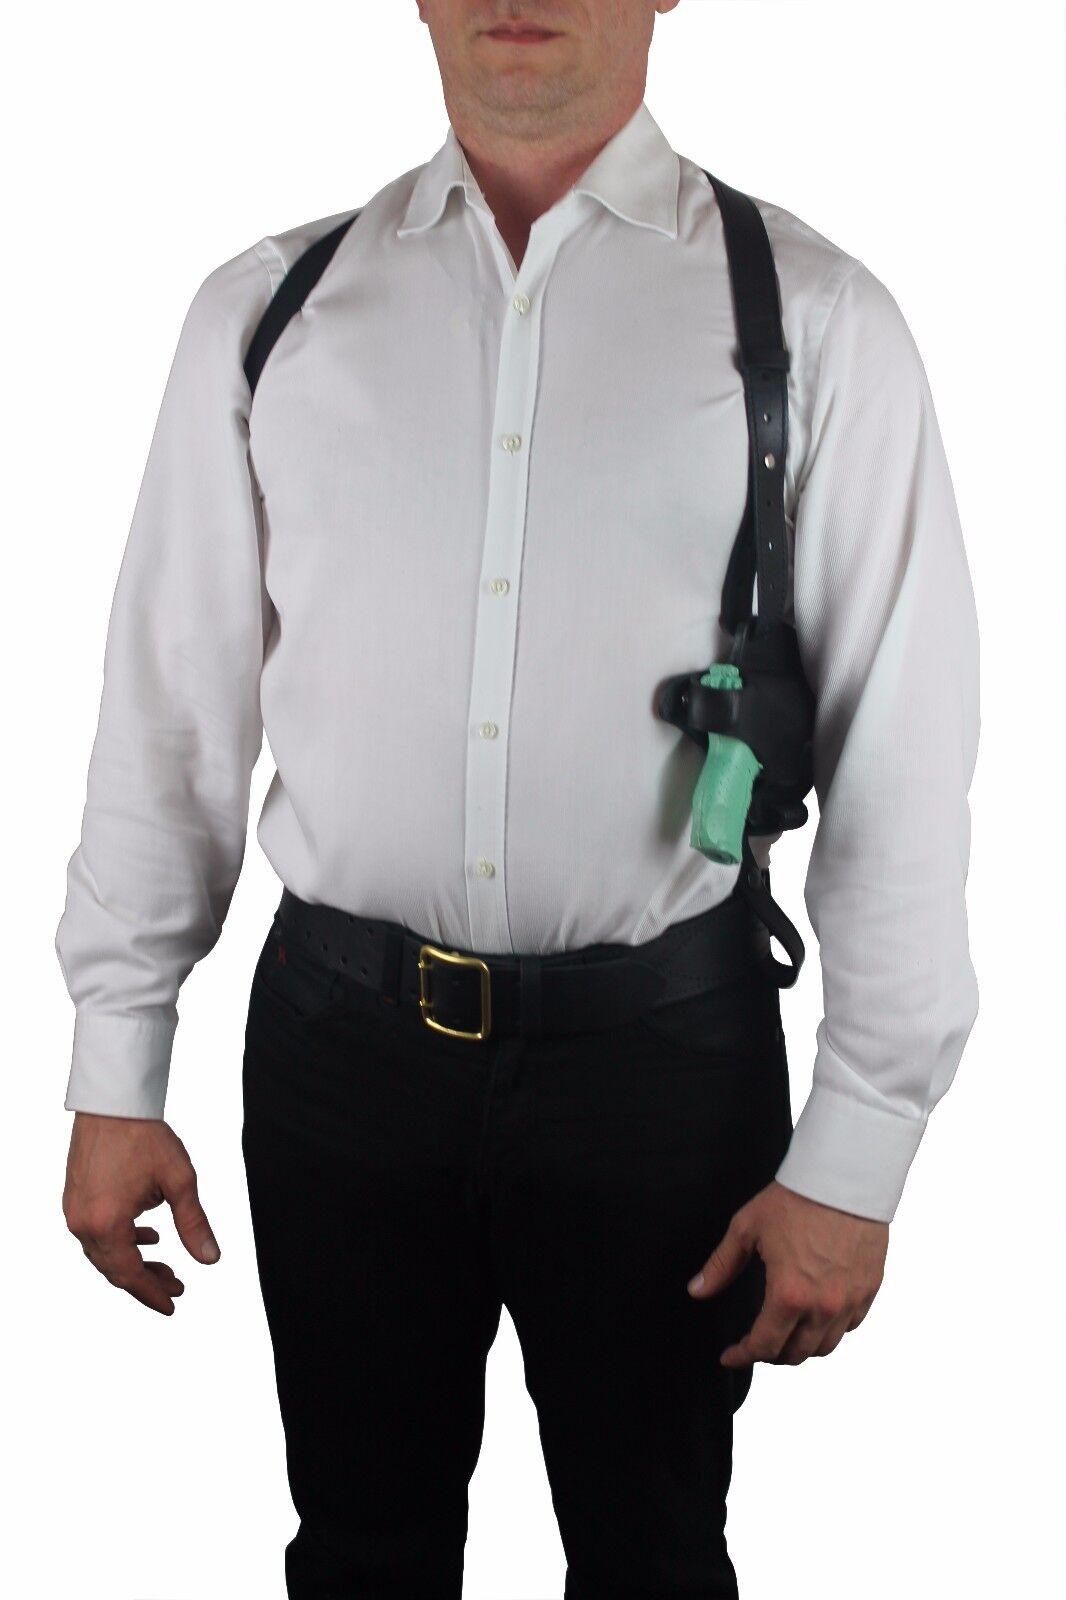 LEDER PISTOLEN SCHULTERHOLSTER für Walther P22 P22 P22 holster schwarz 809c62